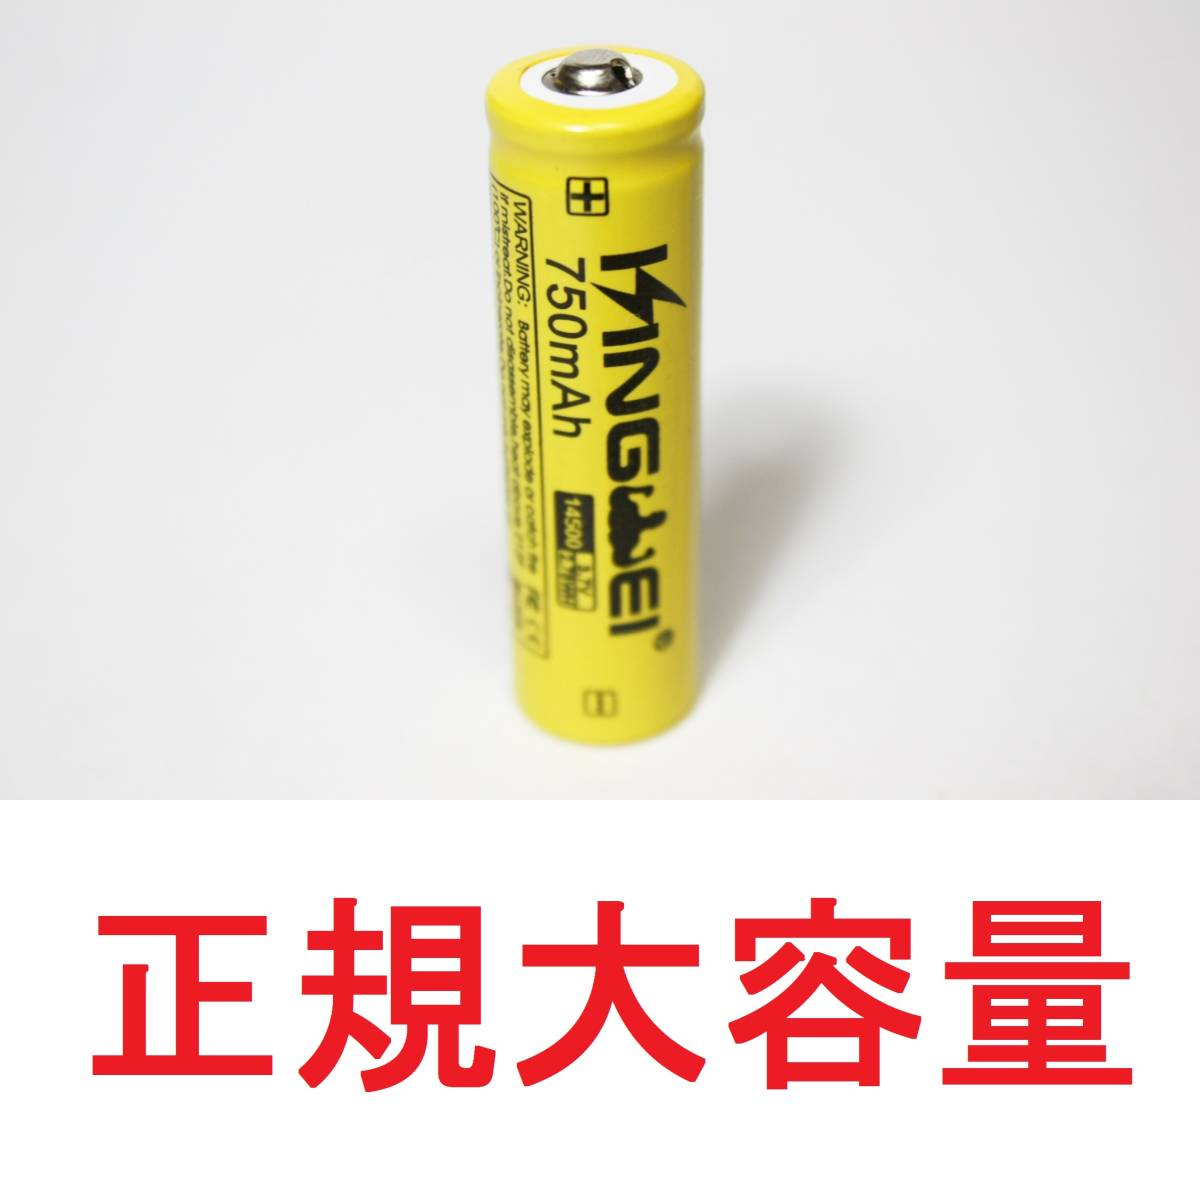 ★ 正規大容量 14500 リチウムイオン 充電池 バッテリー 懐中電灯 ハンディライト 06_画像1